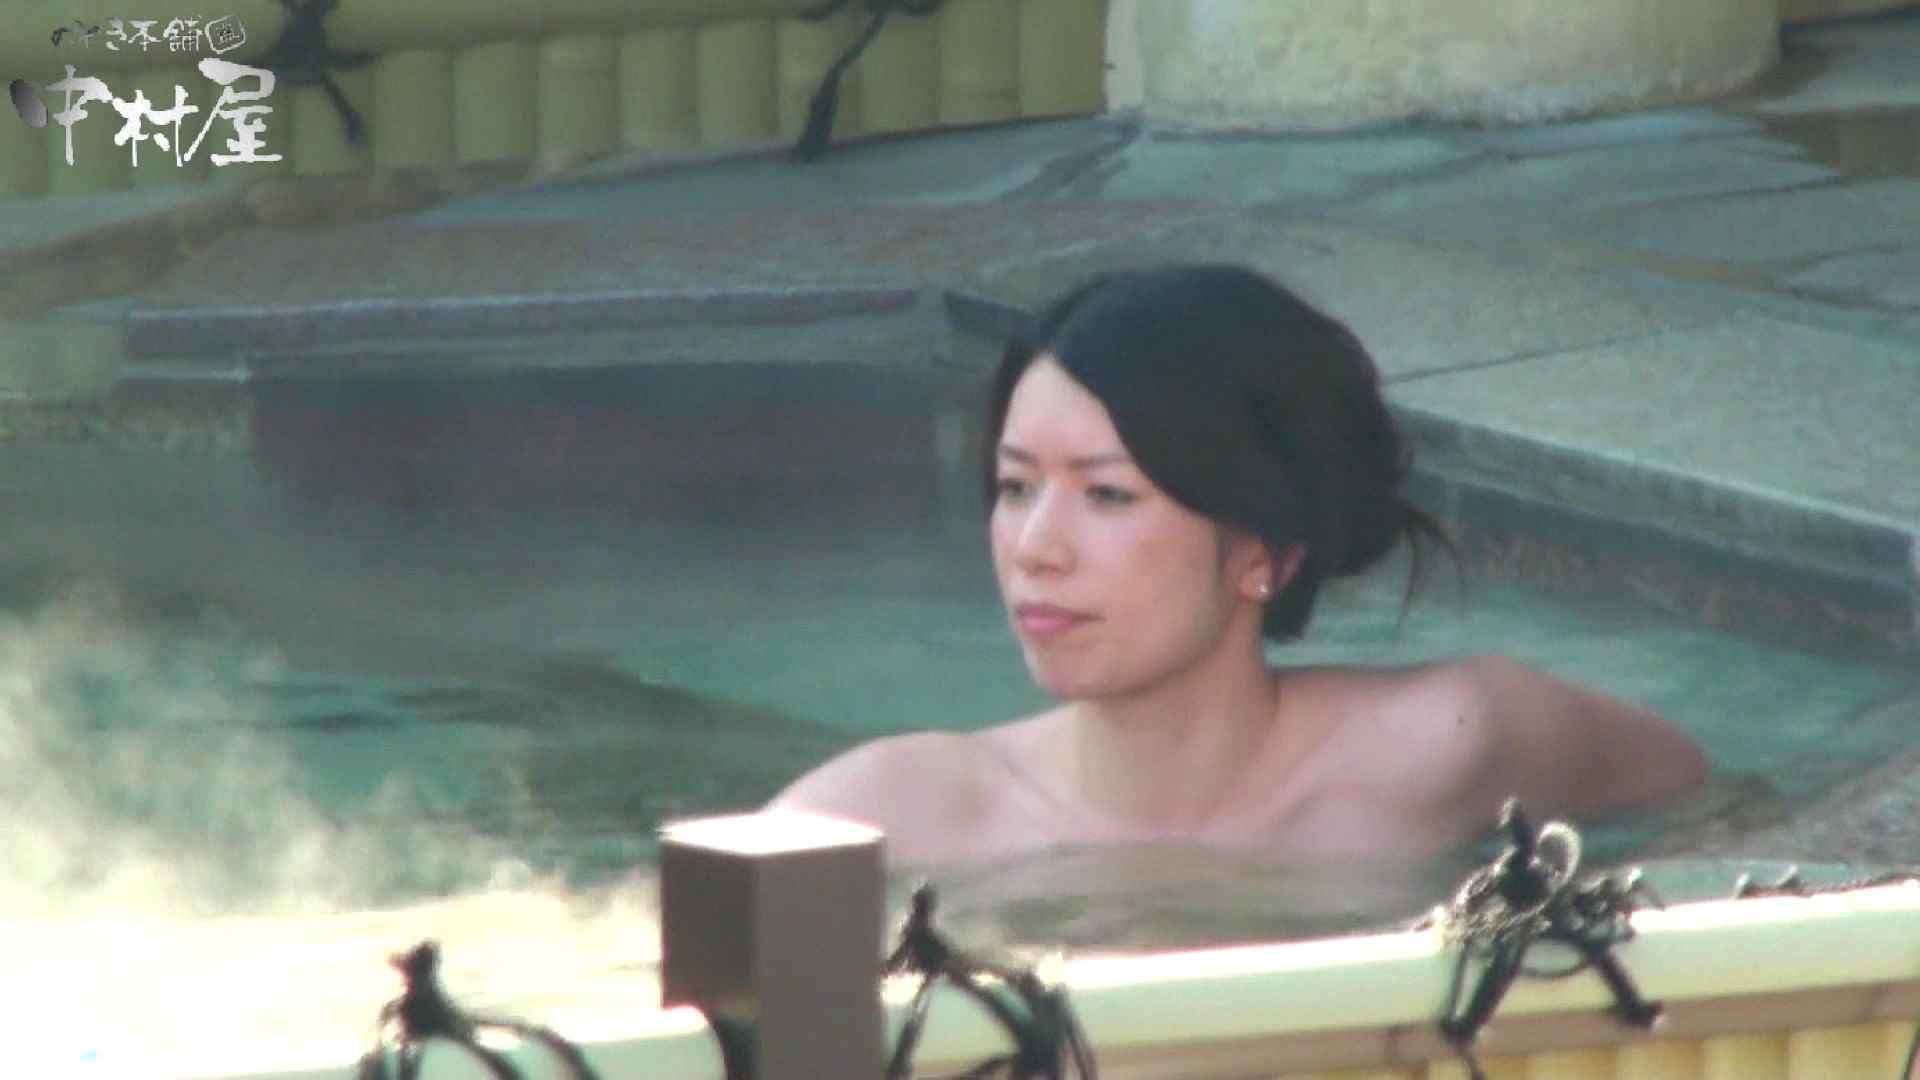 Aquaな露天風呂Vol.919 綺麗なOLたち おまんこ無修正動画無料 65枚 44